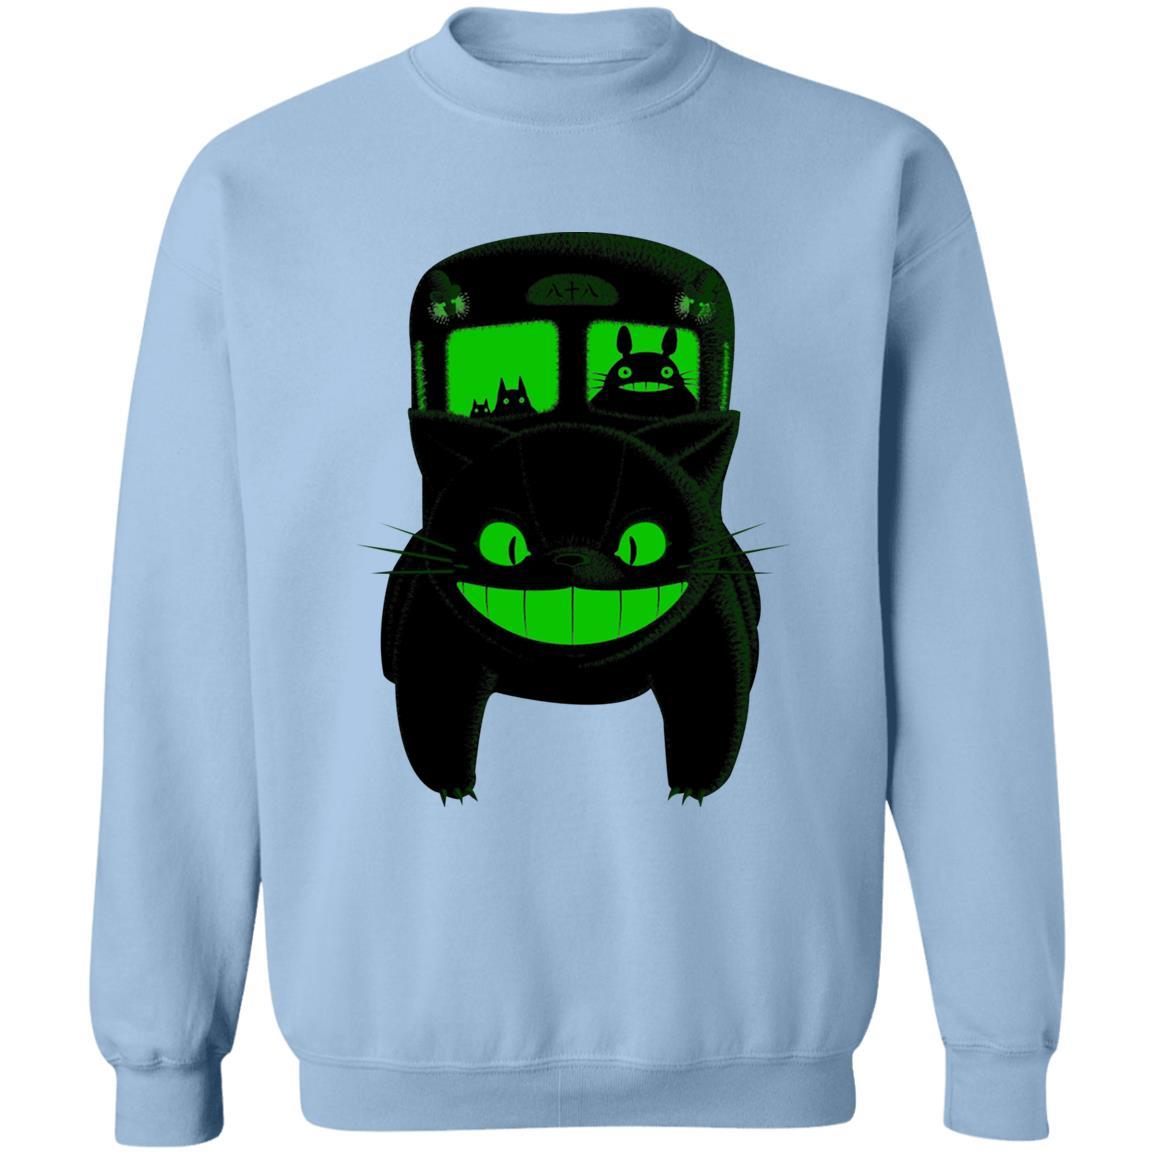 My Neighbor Totoro – Neon Catbus Sweatshirt